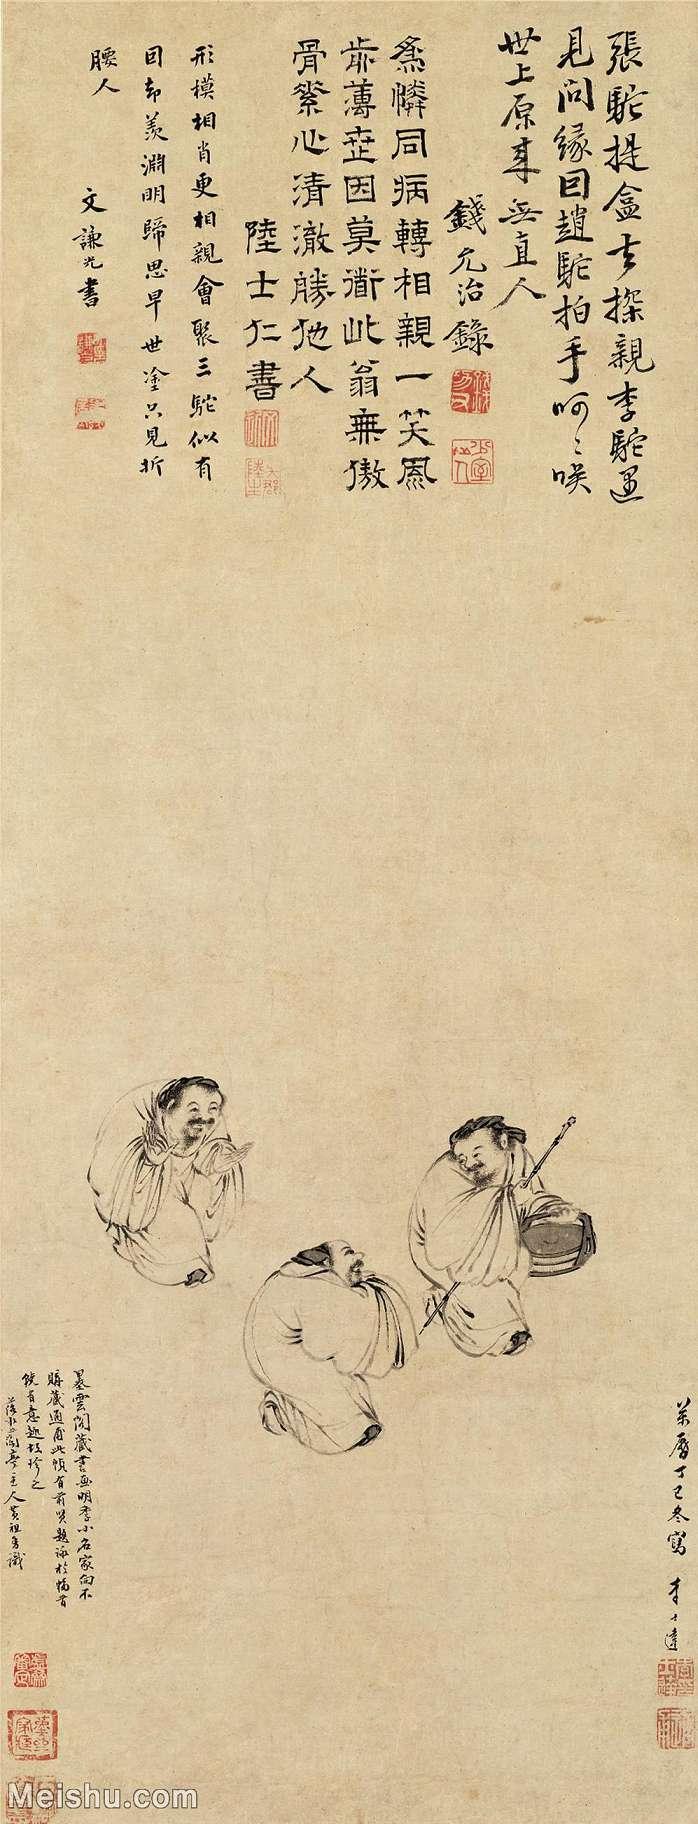 【超顶级】GH6086034古画人物三驼图-明-李士达-纸本-30x78-60x156.5-原30.3x78.5-老翁老